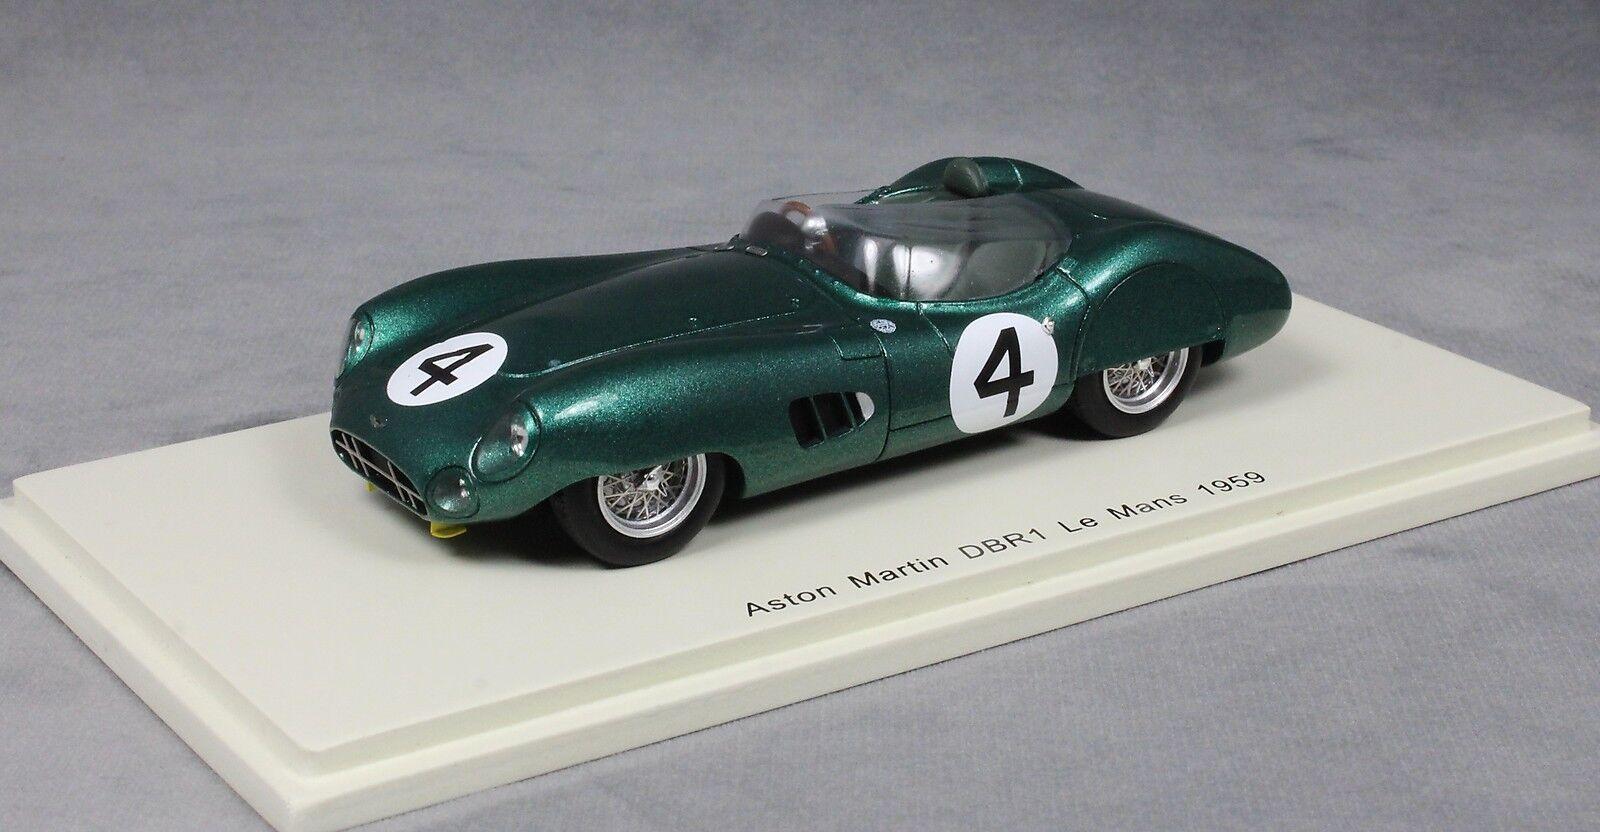 SPARK Aston Martin DB1 Le Femmes 24 h 1959 Stirling MOSS & Jack FairFemme S2438 1/43 | Forme élégante